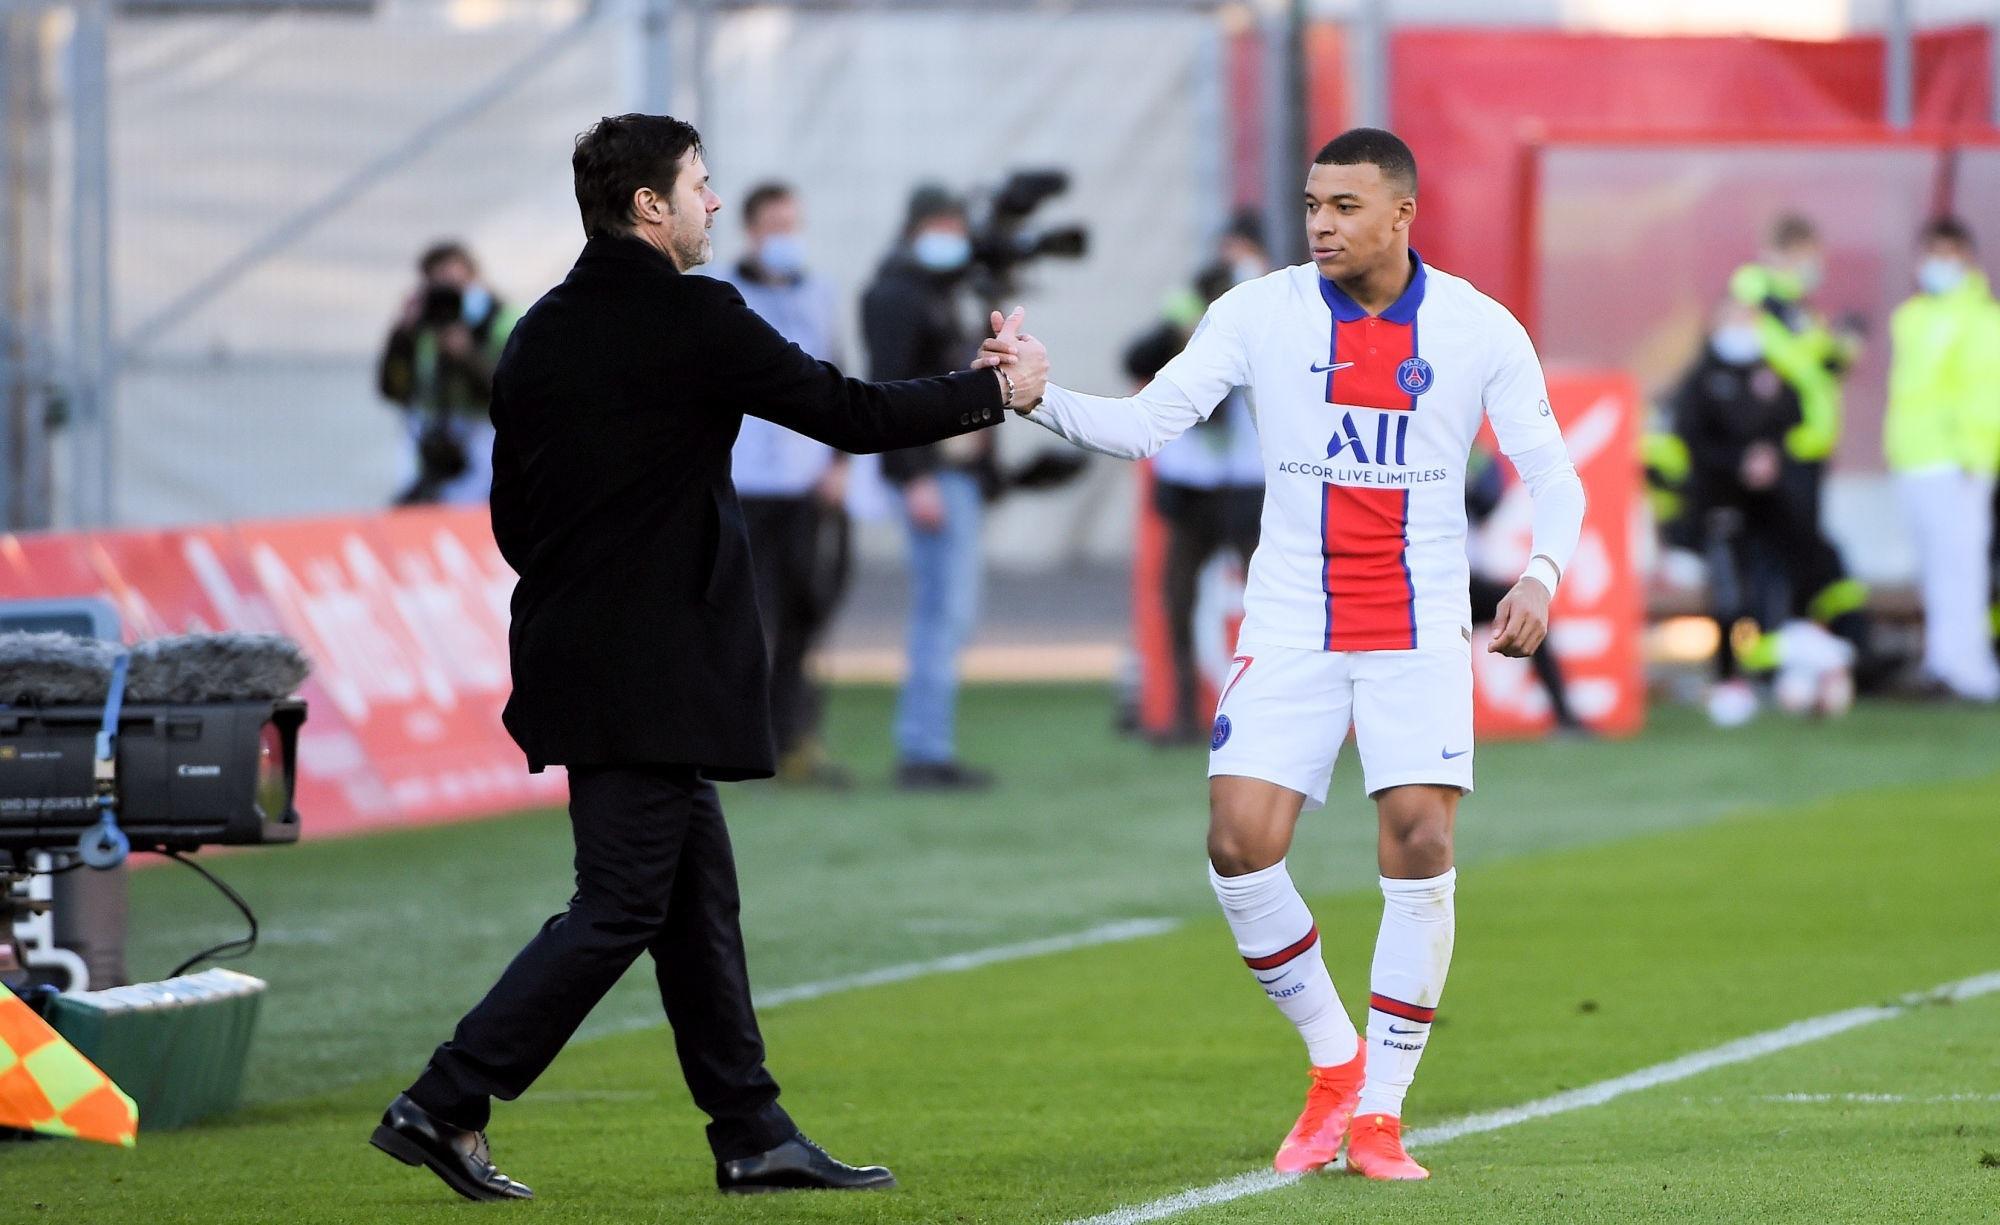 """City/PSG - Pochettino ne cache pas qu'il est """"inquiet"""" pour Mbappé, mais """"l'équipe a les outils"""""""